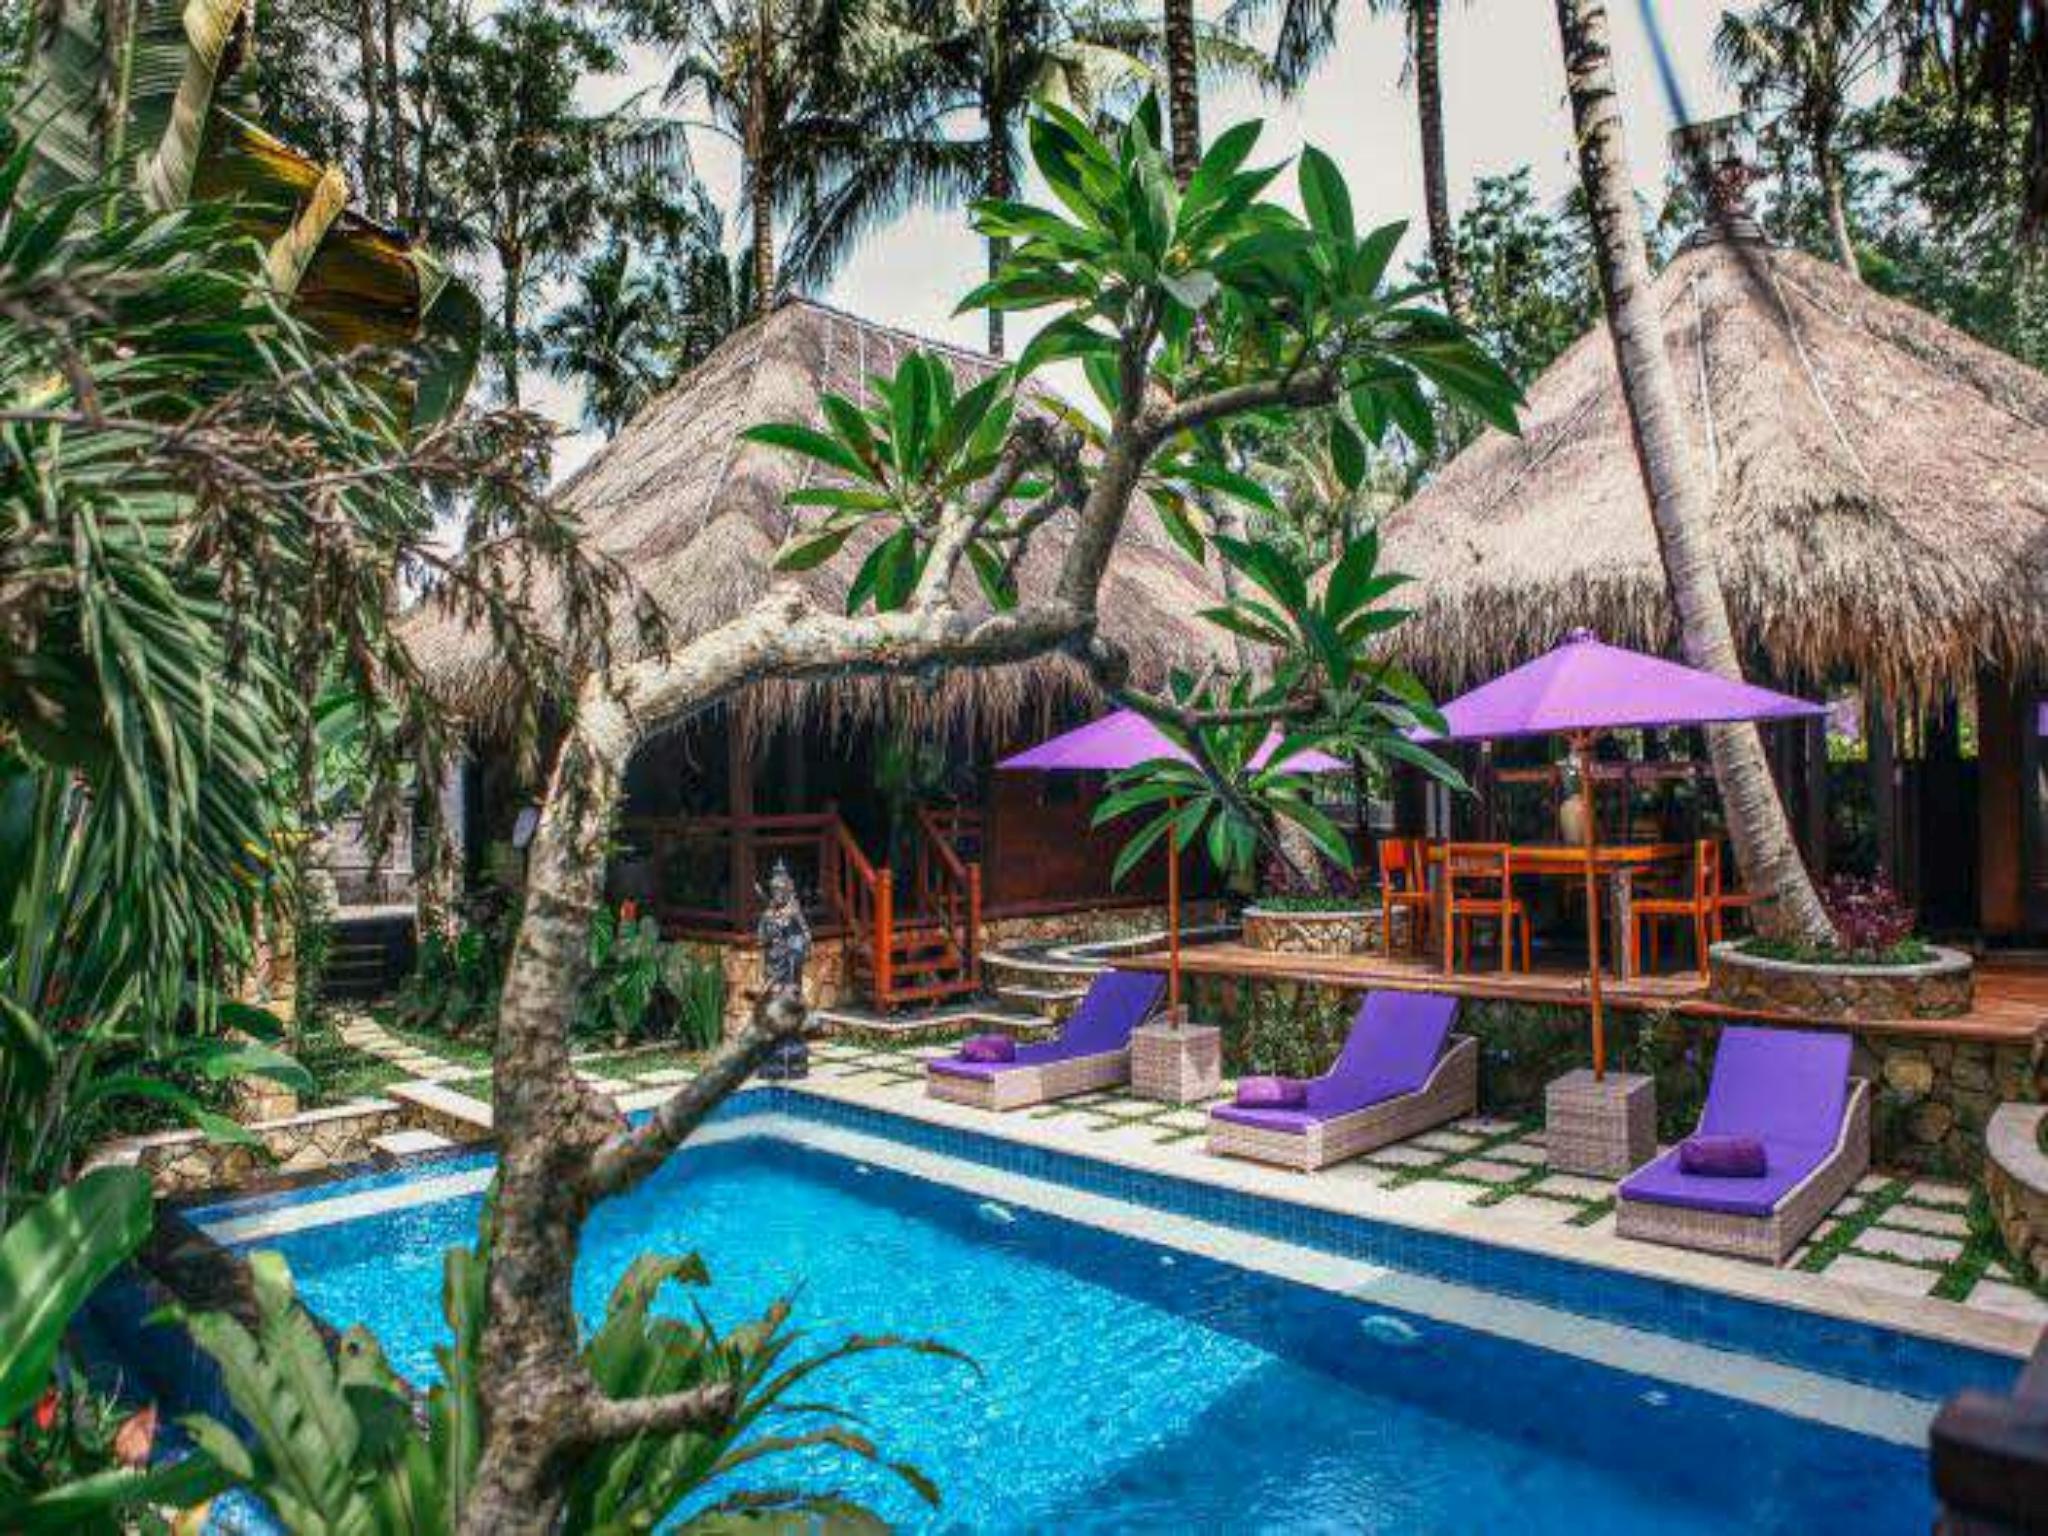 Bali Village Private Villa 2 Bedroom ホテル詳細